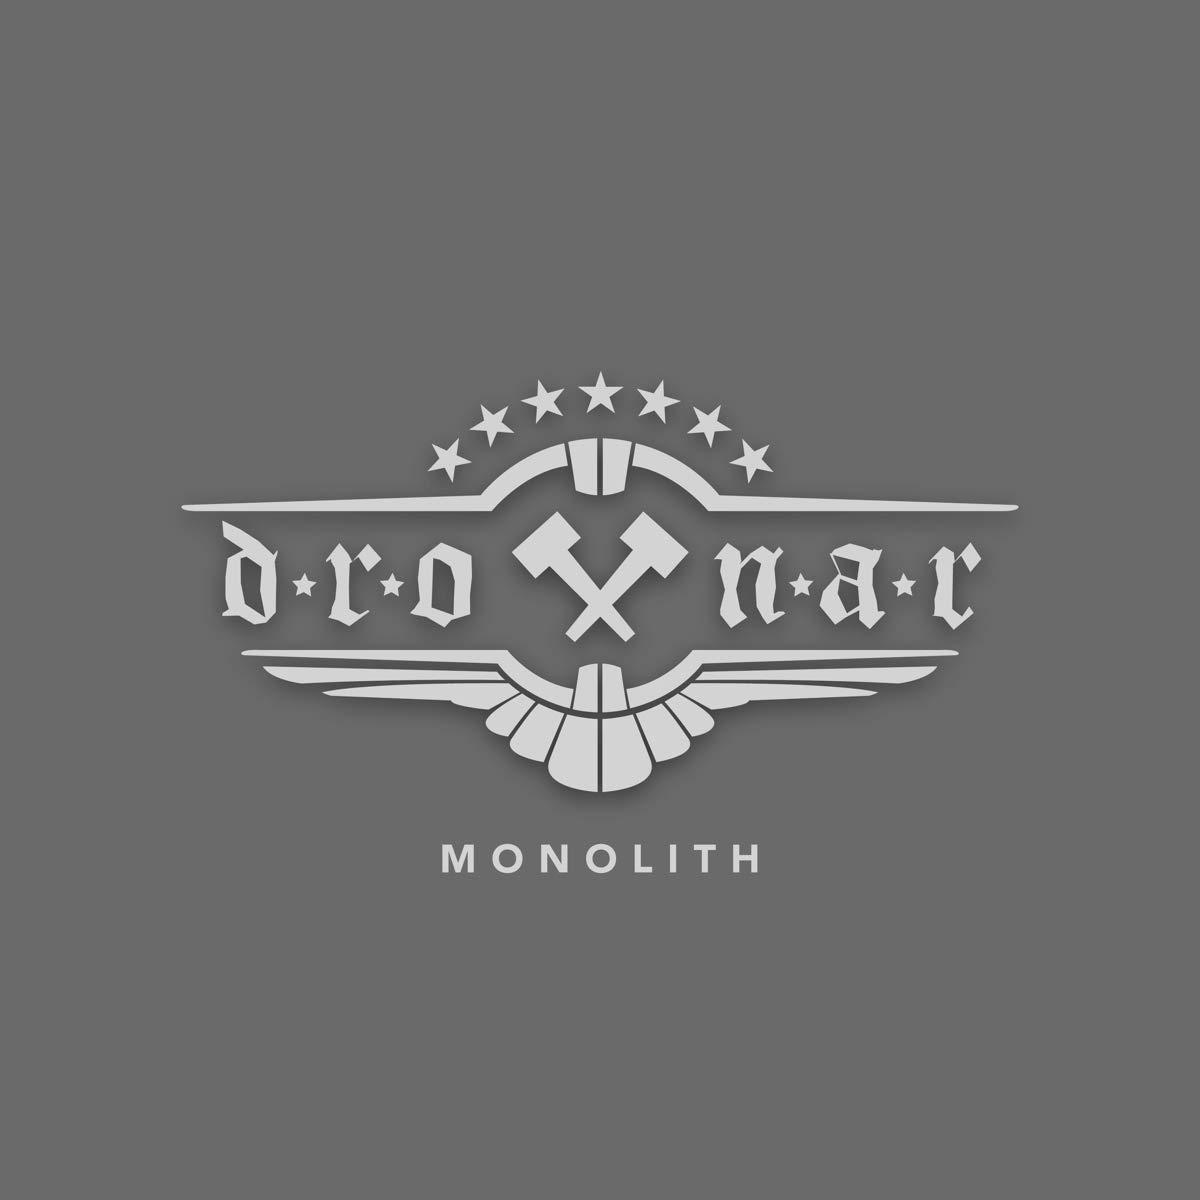 Drottnar - Monolith